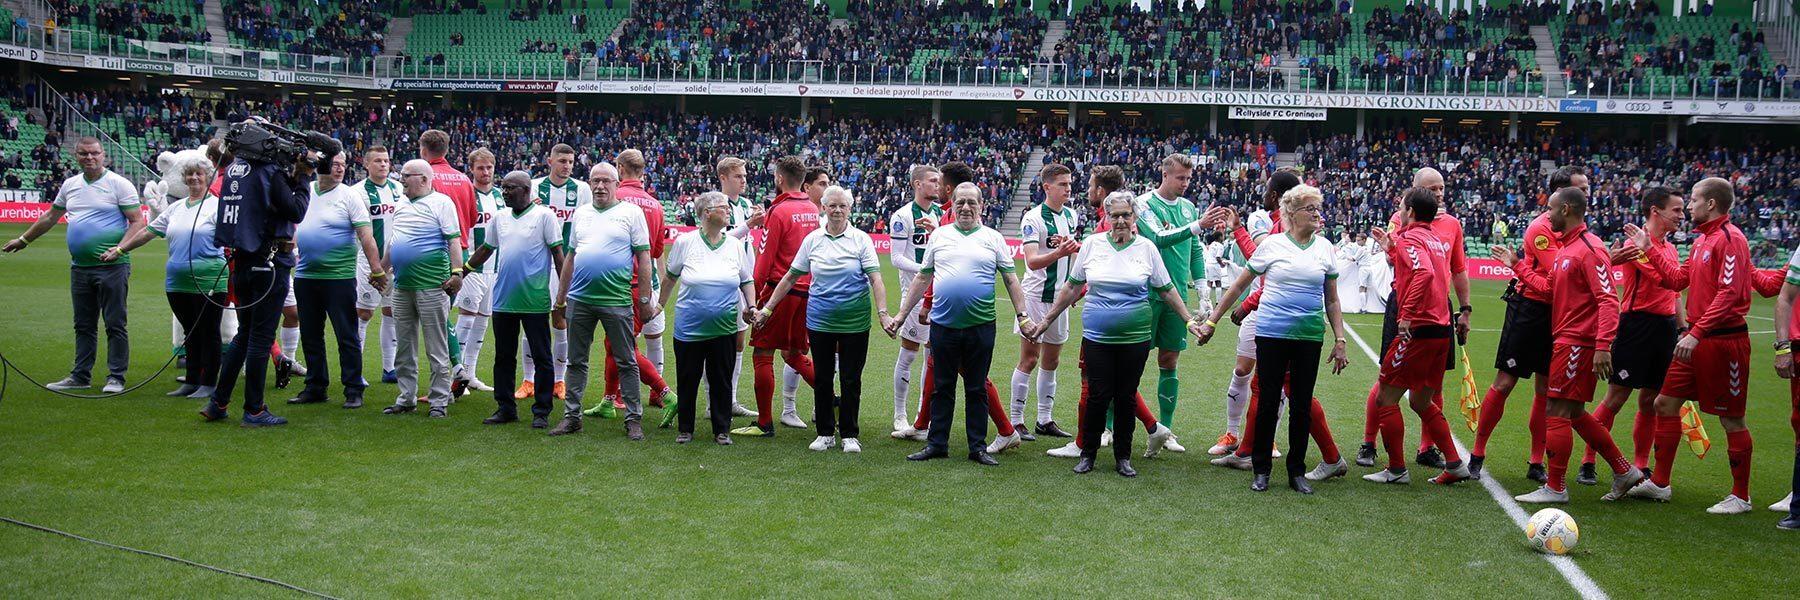 Aftermovie Kpn Mcf Eredivisie